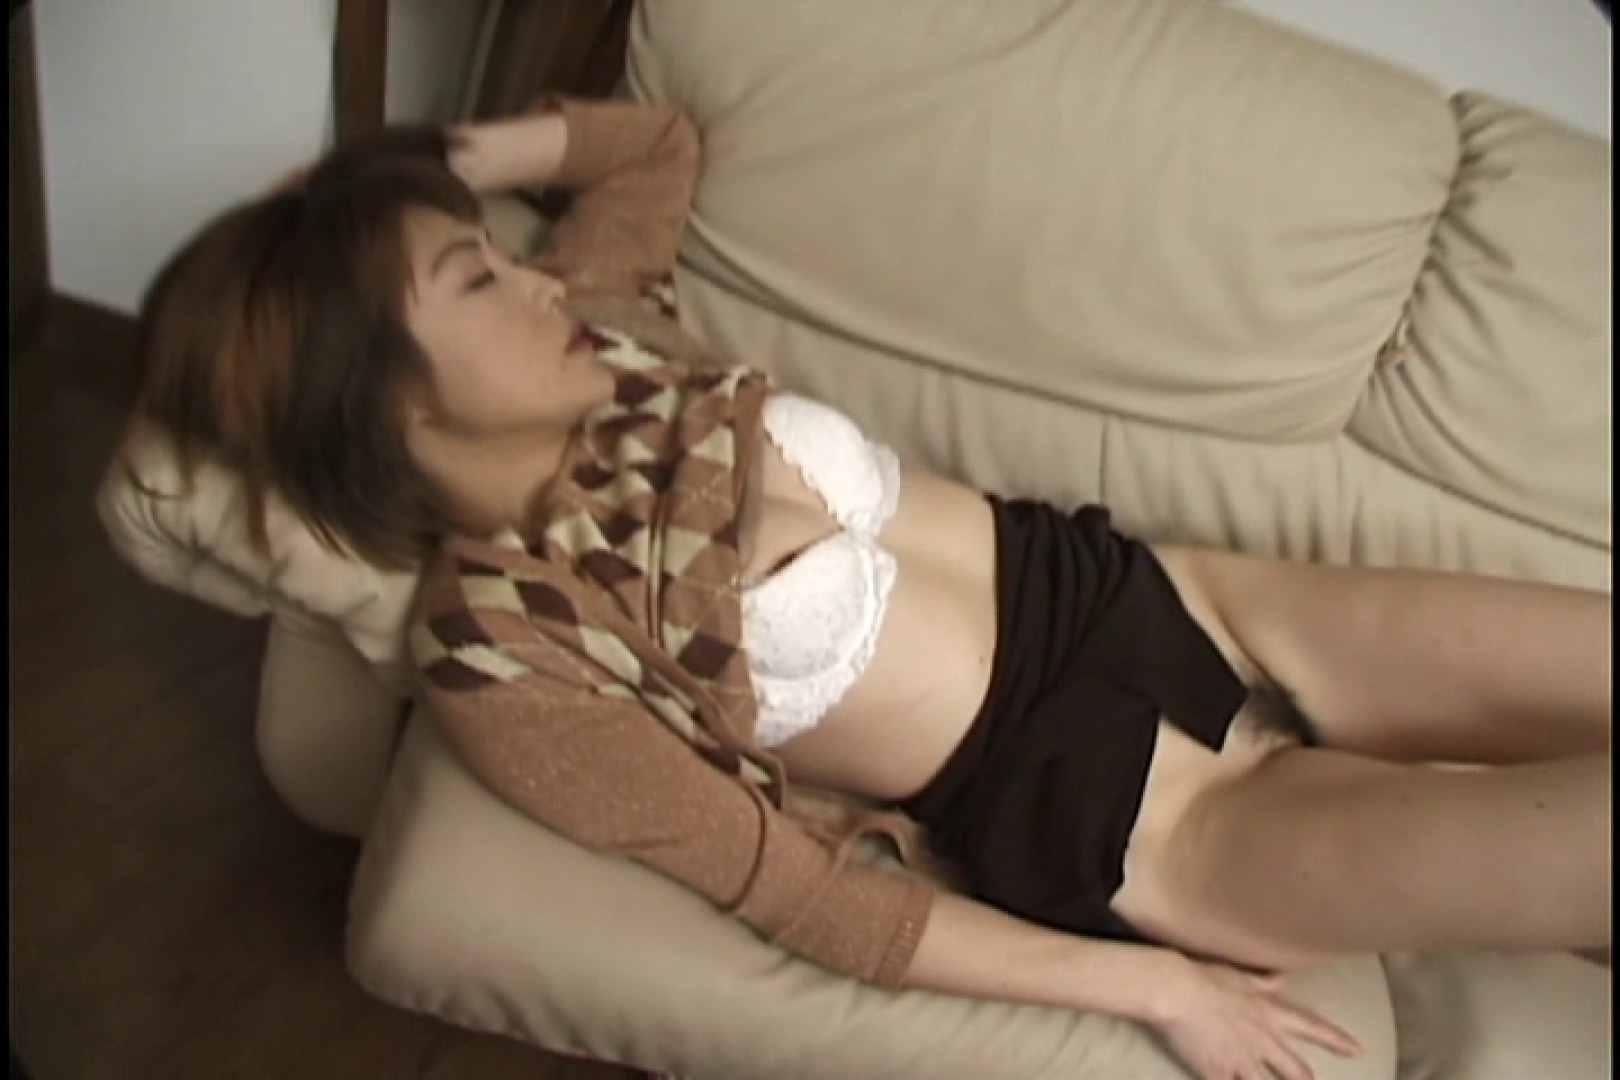 昼間の奥様は欲求不満 ~石川麻紀~ 熟女 | マンコ特集  65連発 27